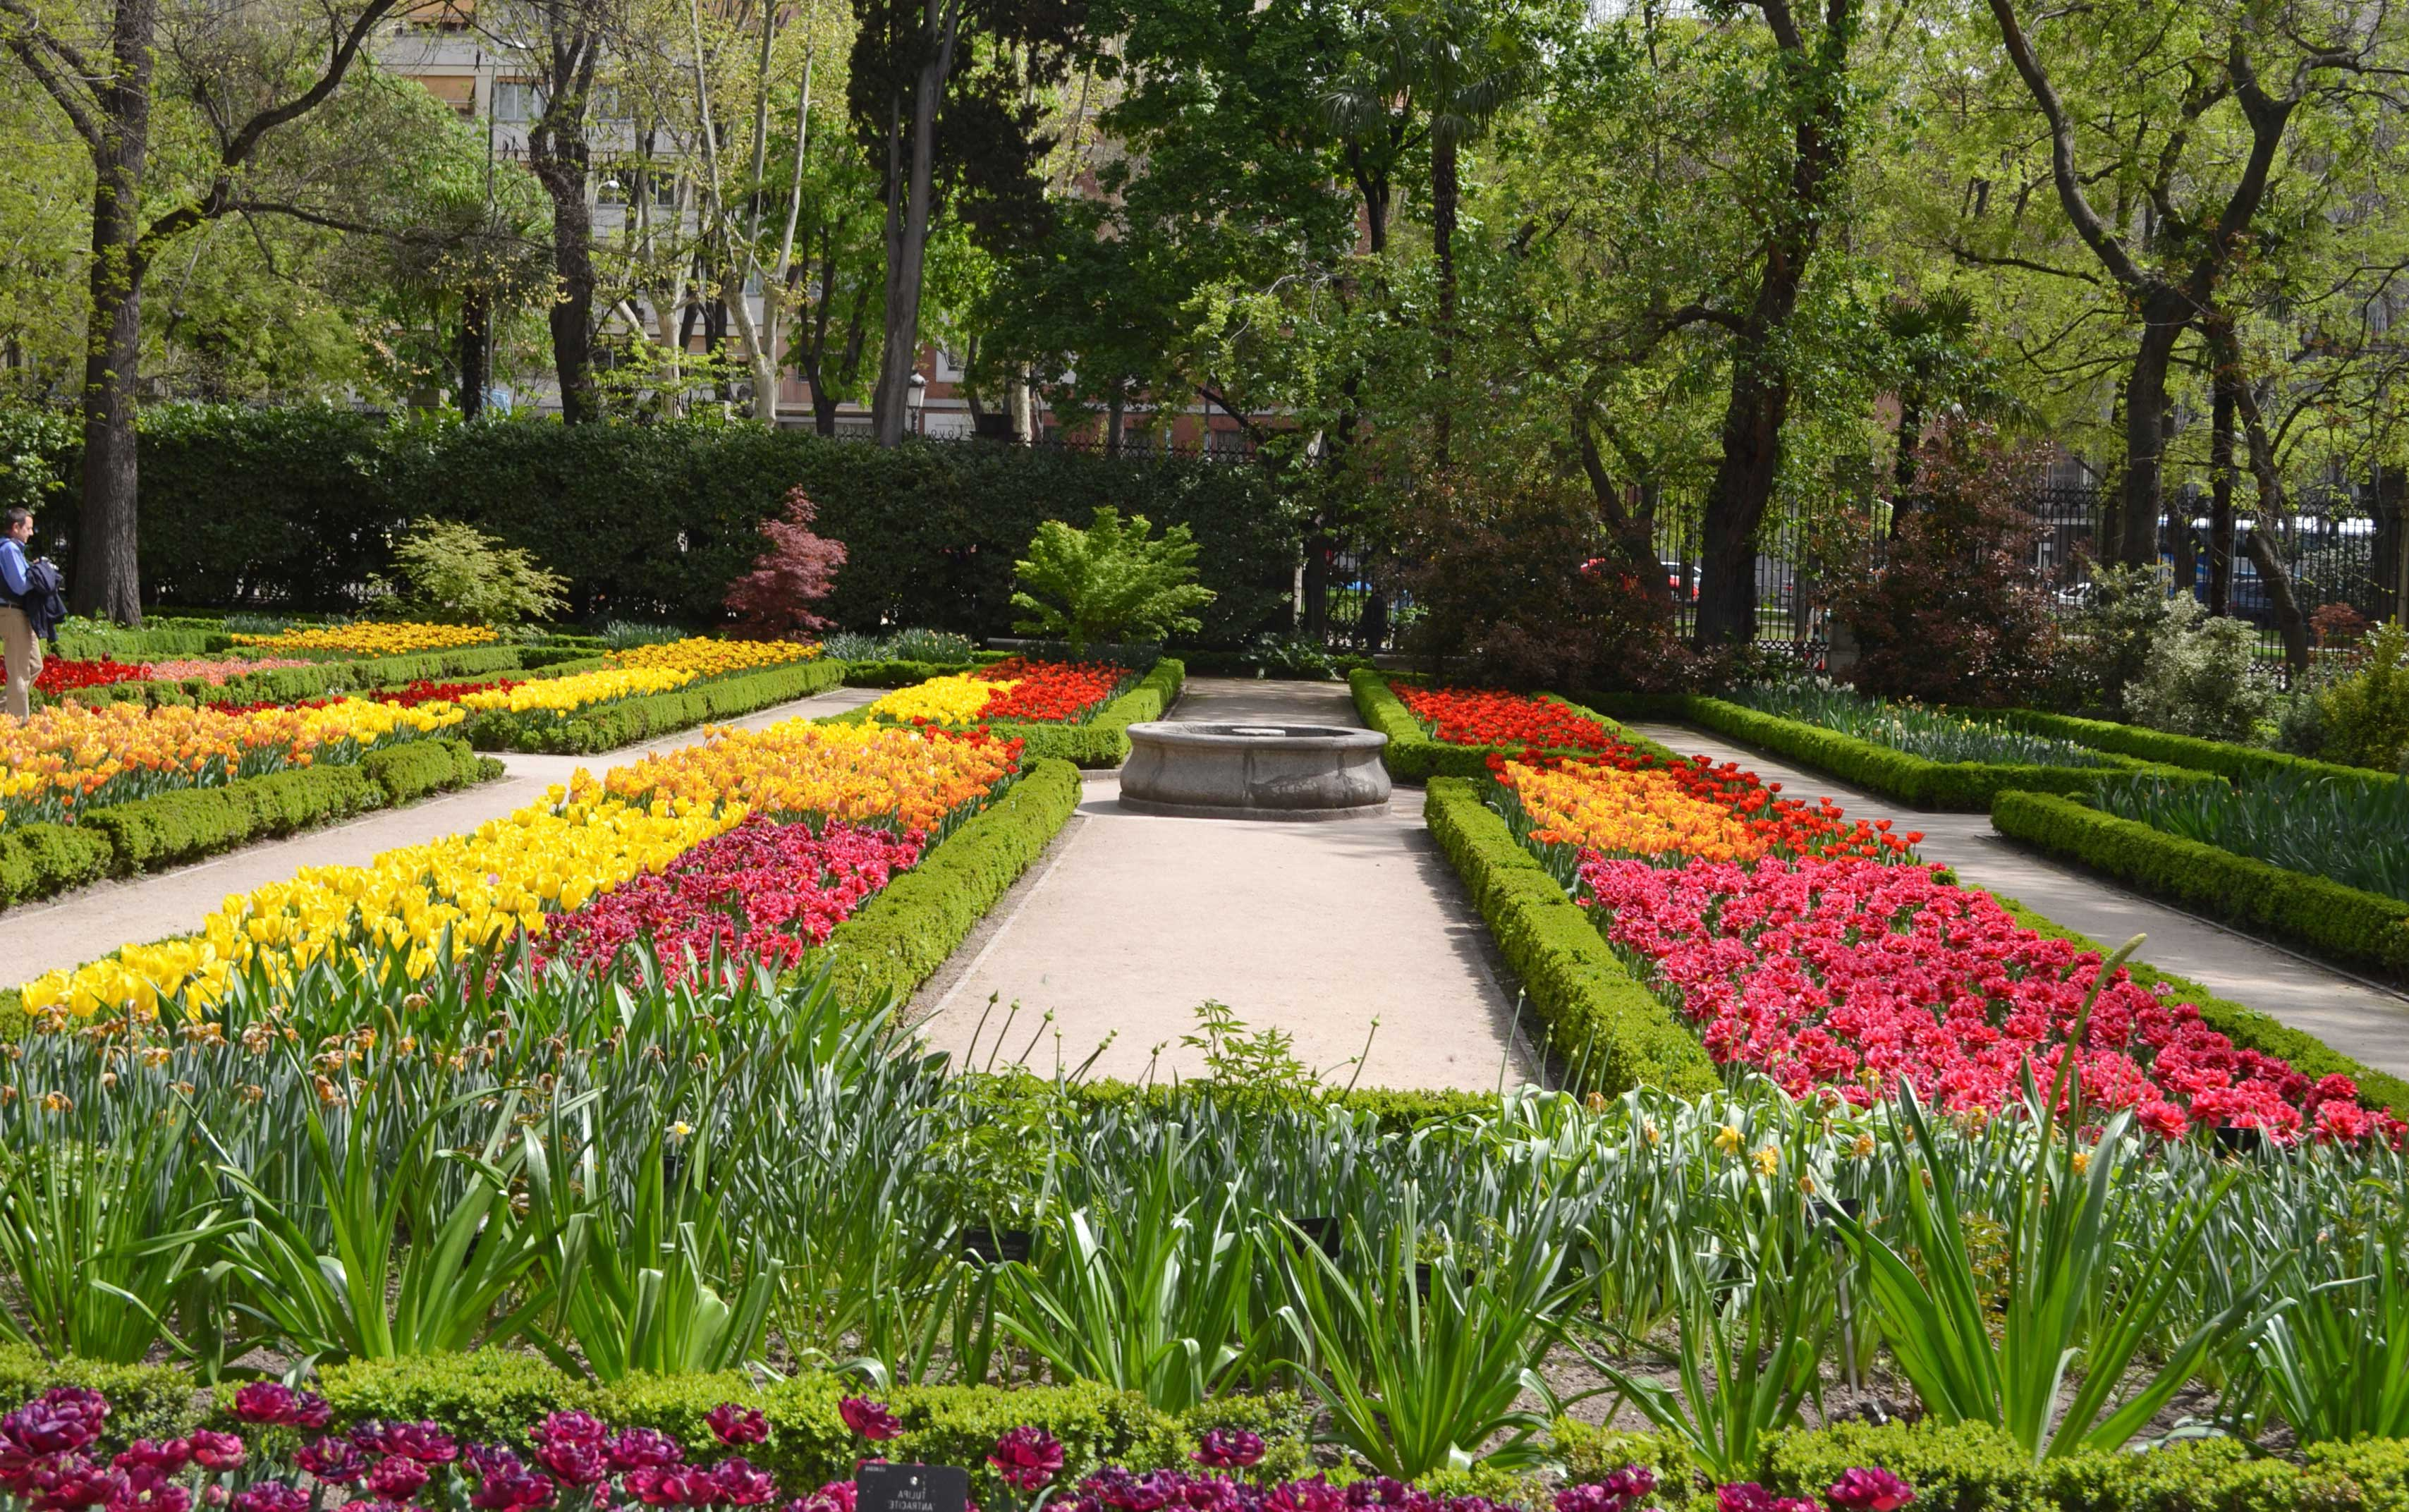 Los cinco jardines de madrid centro imprescindibles for Jardines de sabatini conciertos 2017